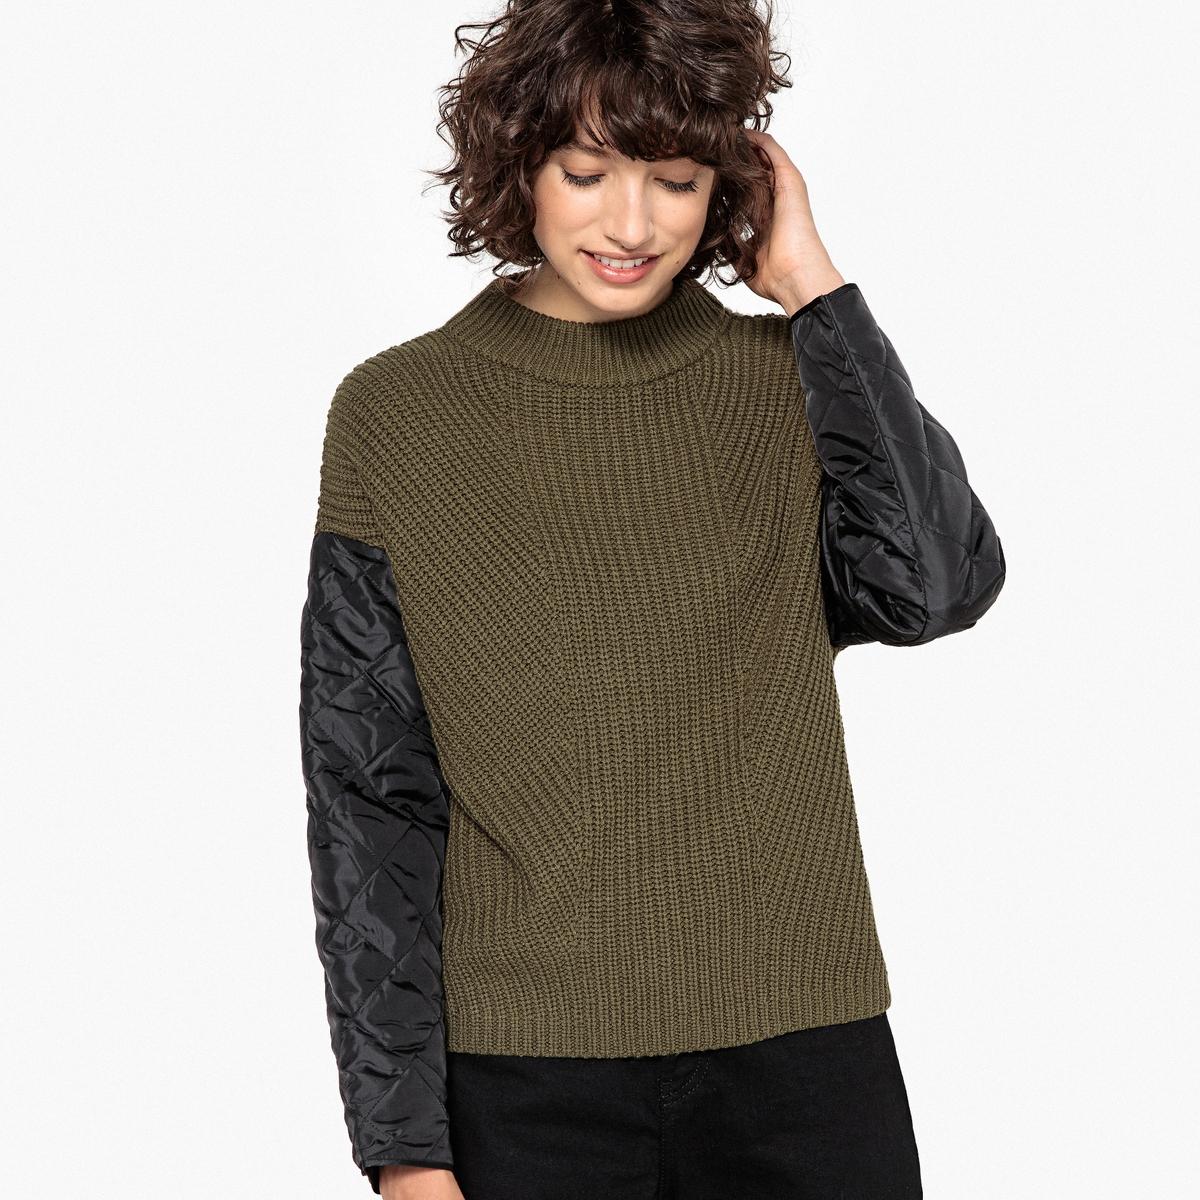 Bekleidung Damen Pullover Online Kaufen Damenmode Suchmaschine Mooi Printing Premium Sweater Top Mit Gesteppten Rmeln